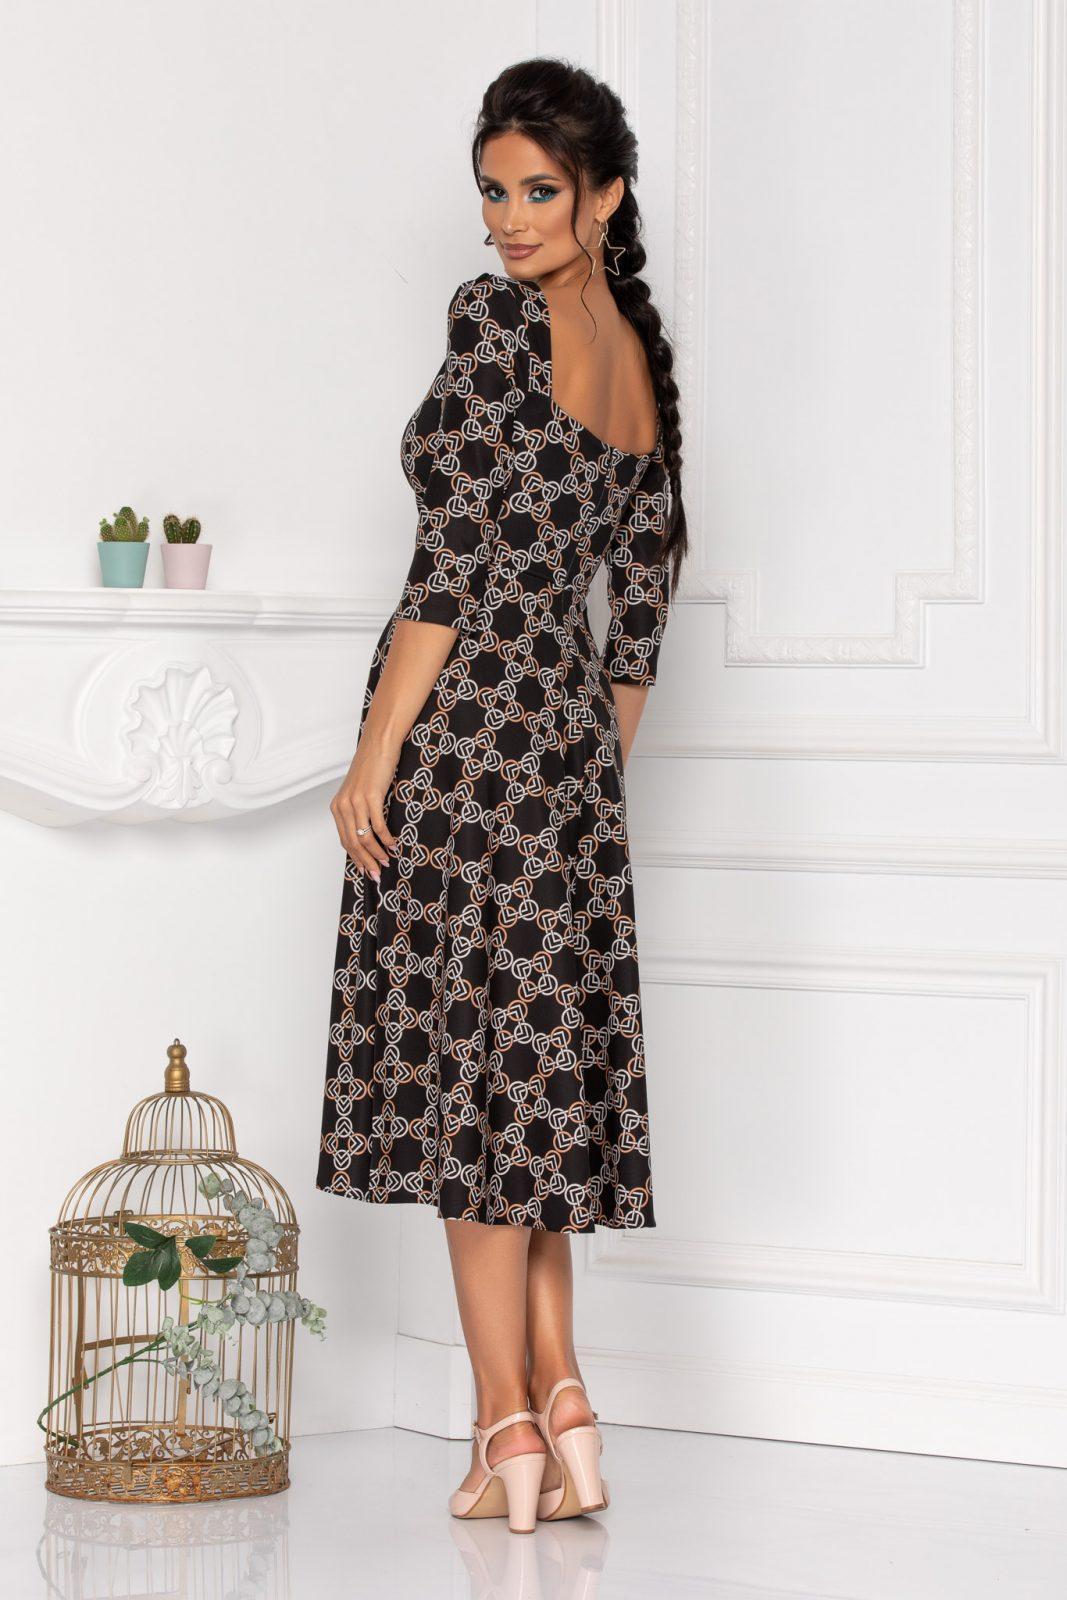 Μαυρο Φόρεμα Με 3/4 Μανίκι Hariett 8447 3